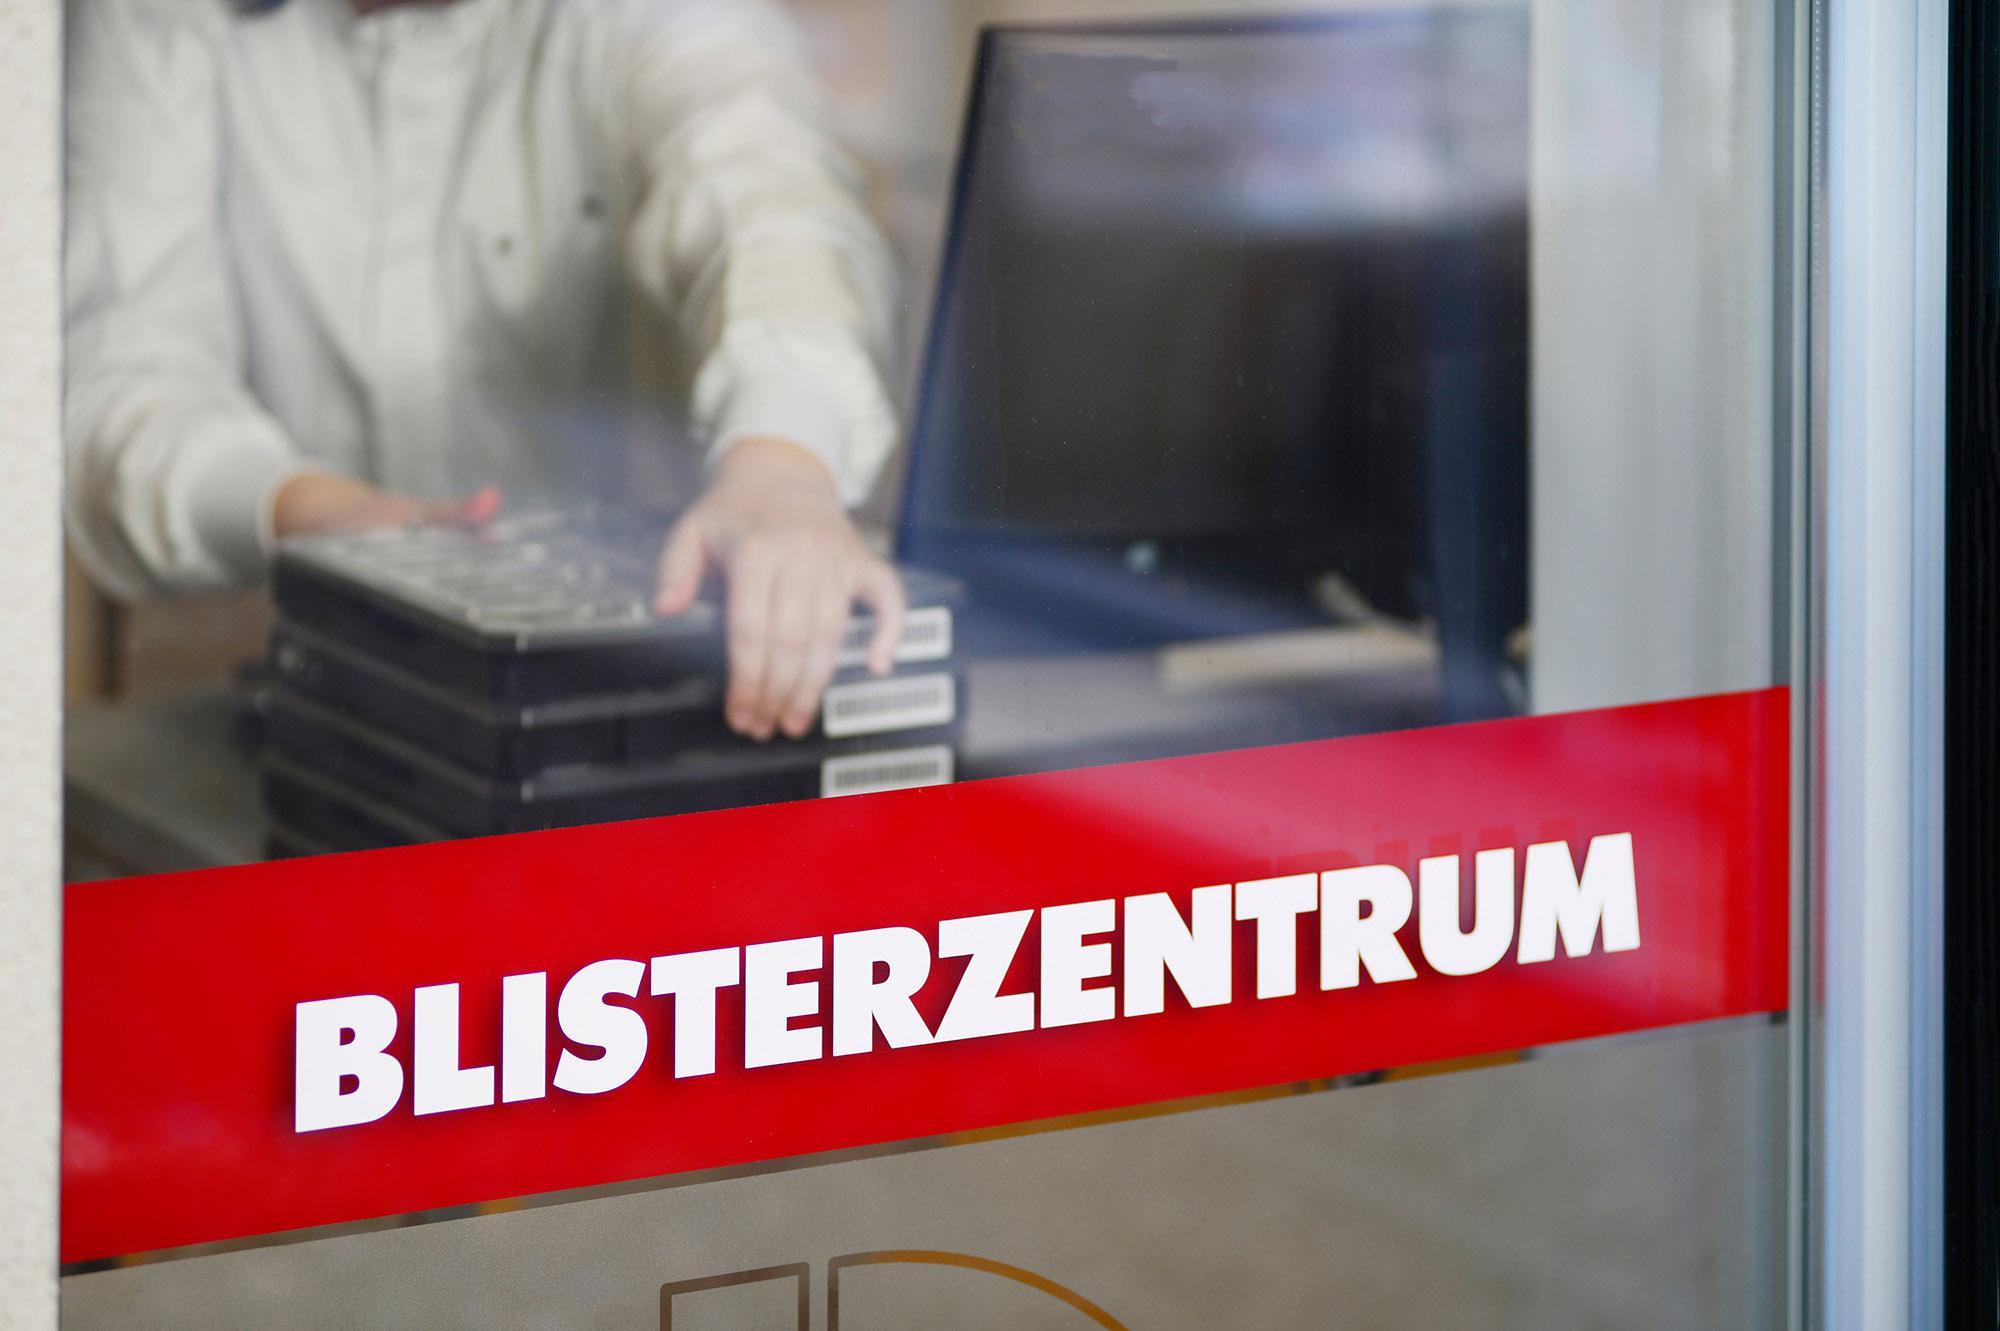 Blisterzentrum Halle Saale